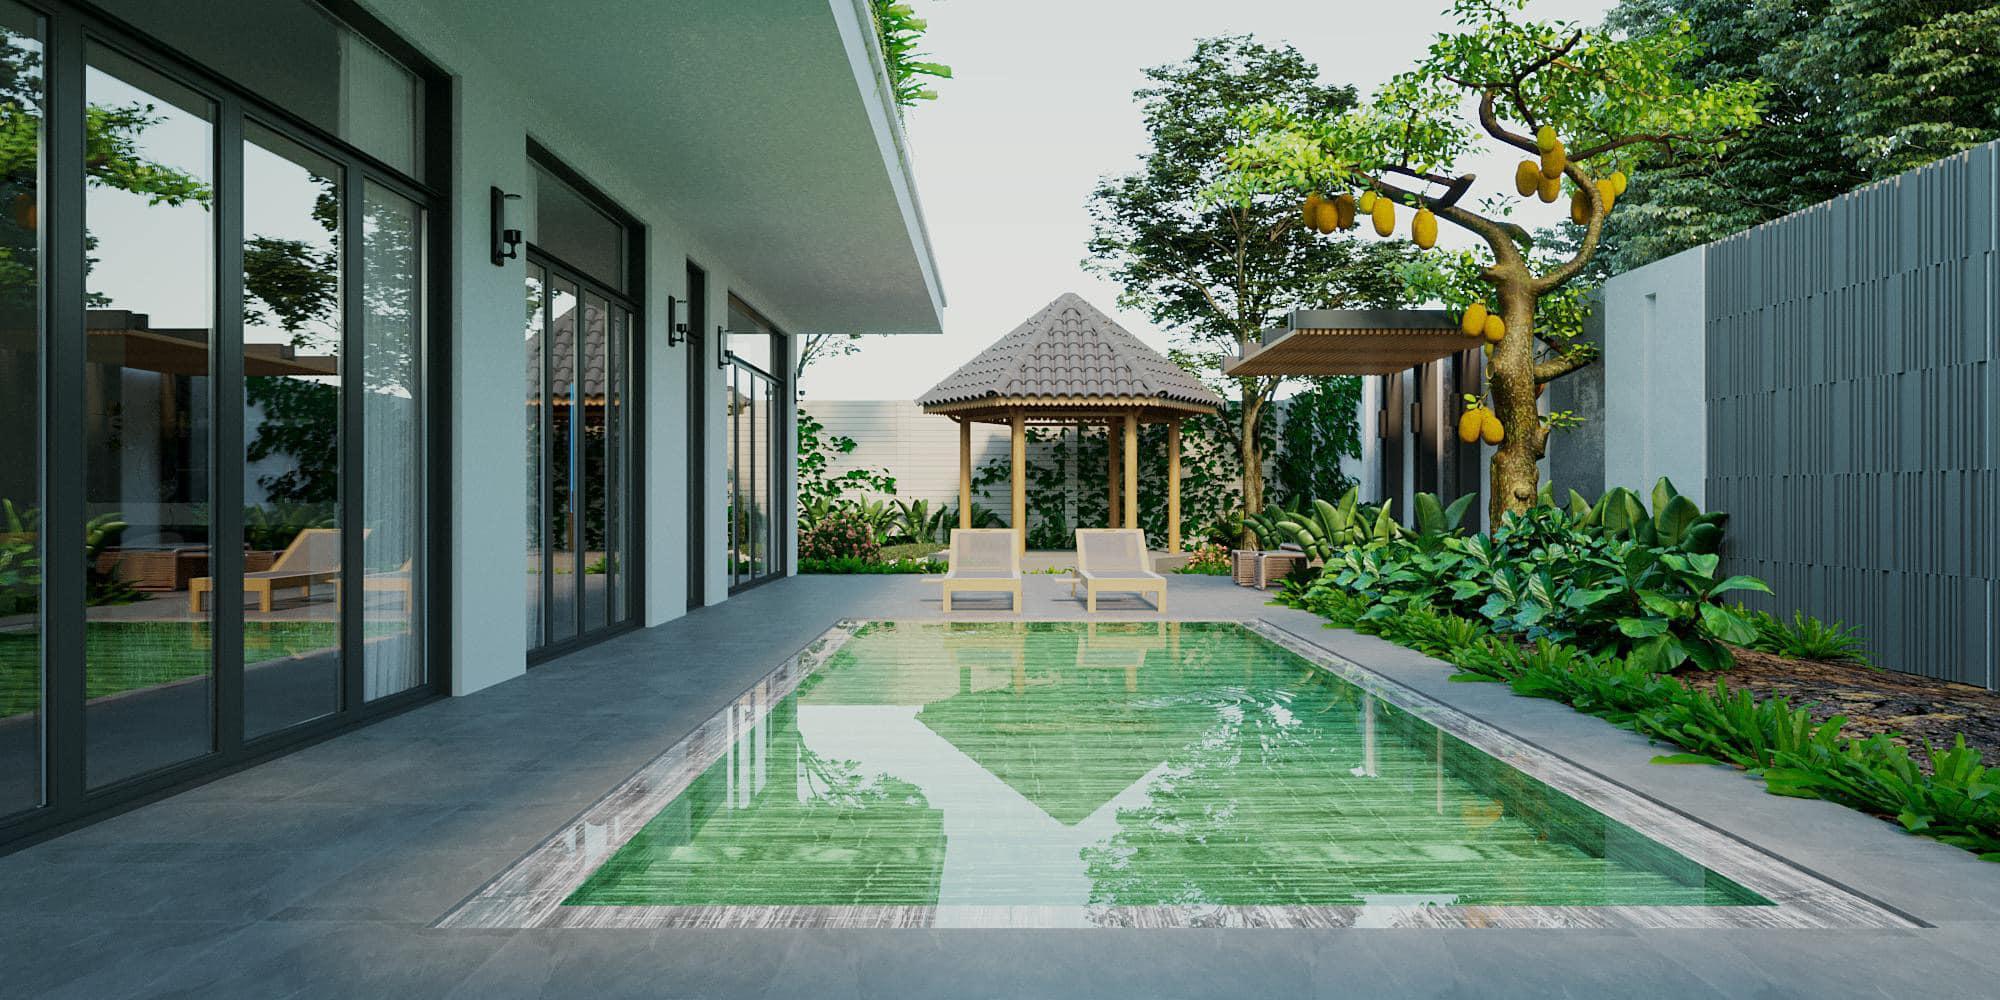 Biệt thự vườn nghỉ dưỡng Bình Dương